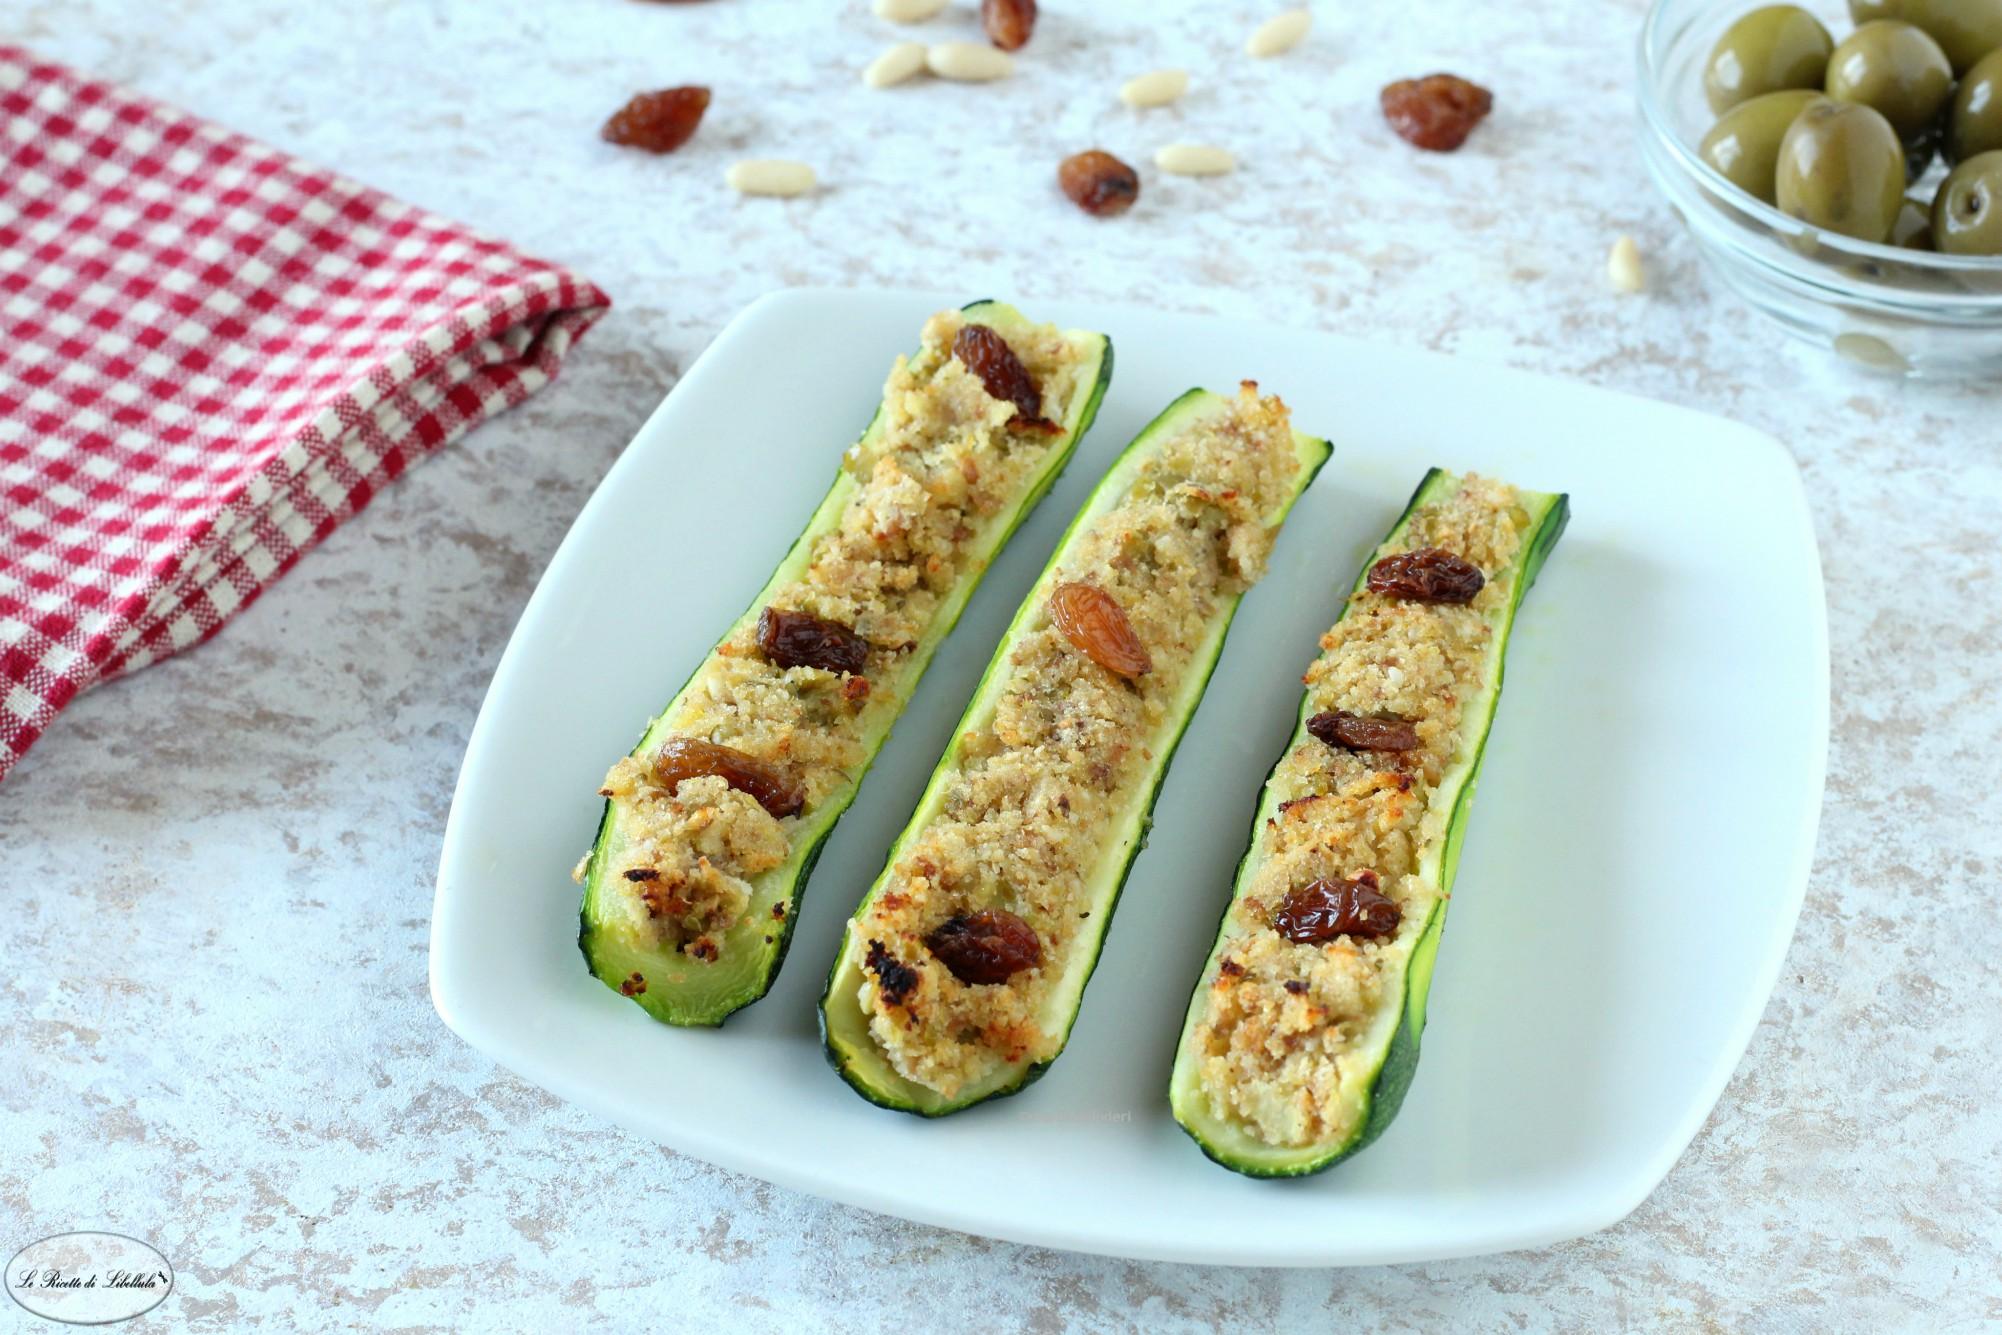 Zucchine ripiene con pinoli e uvetta